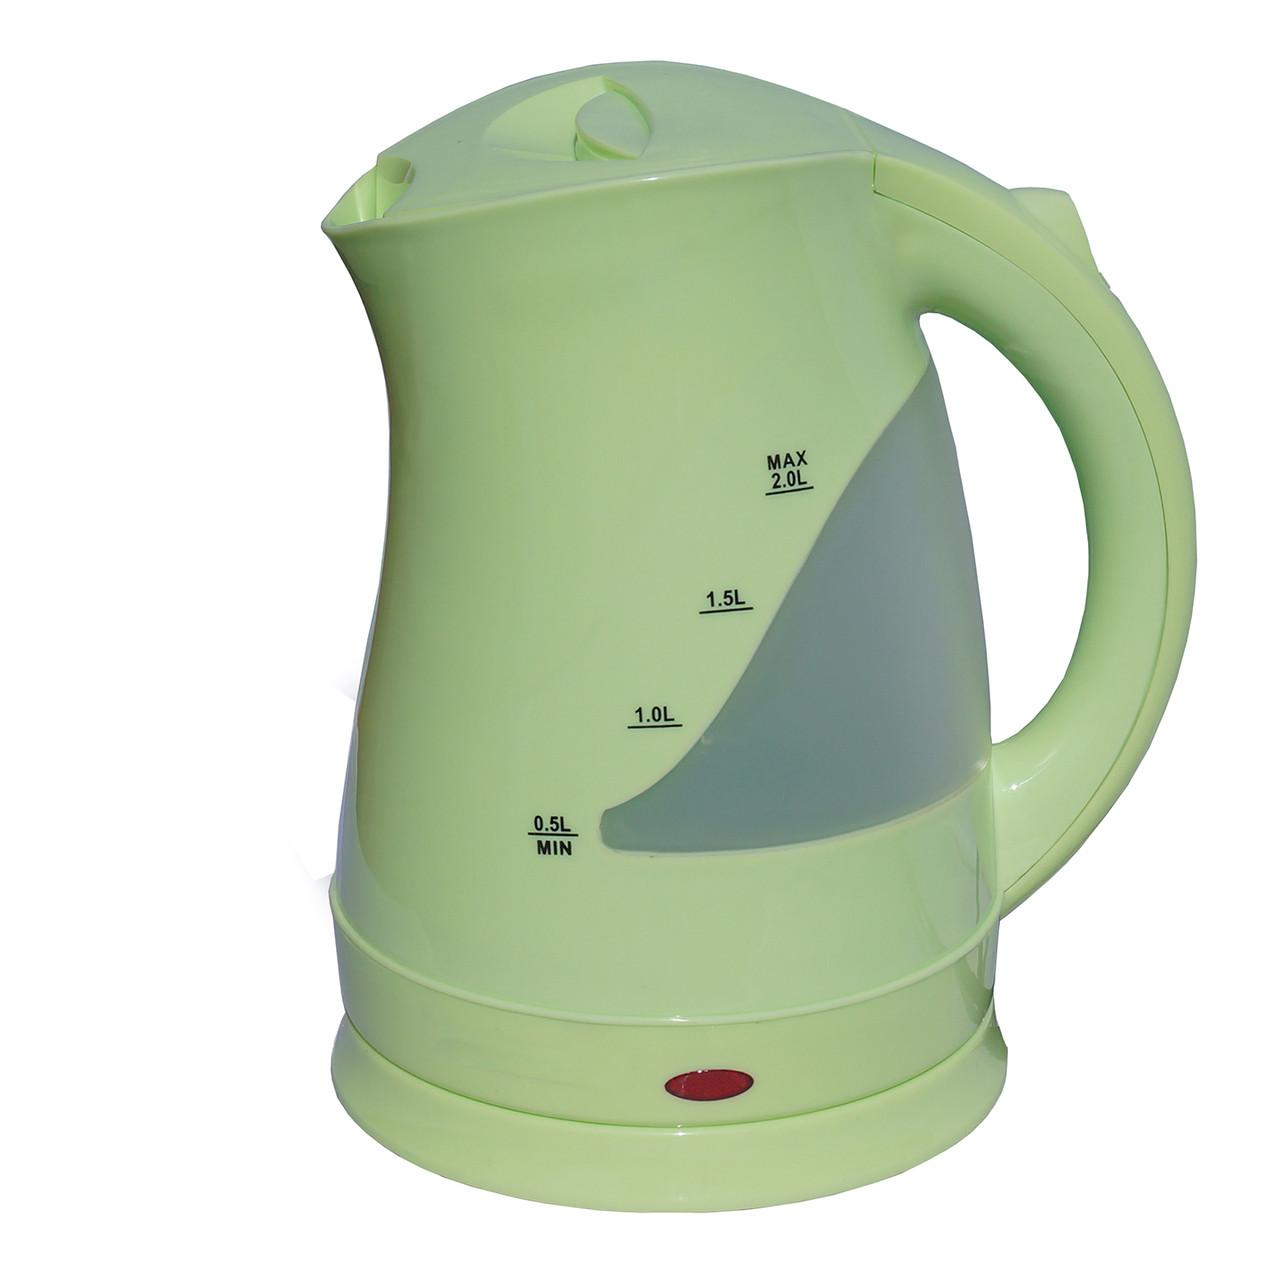 Электрочайник пластик  DT 603 зеленый 2 литра распродажа